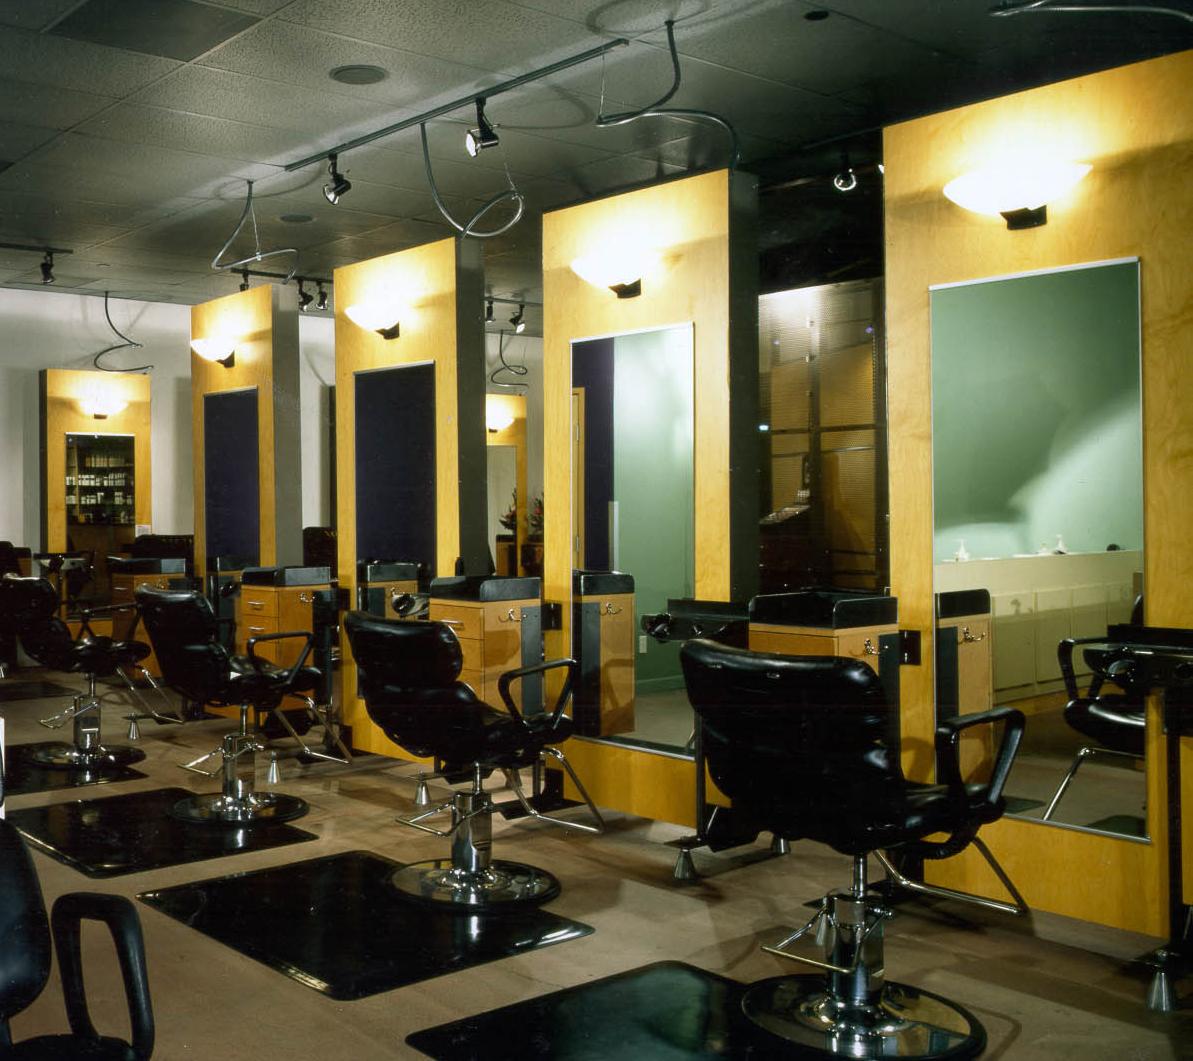 Vogue Salon, Newport Beach, CA